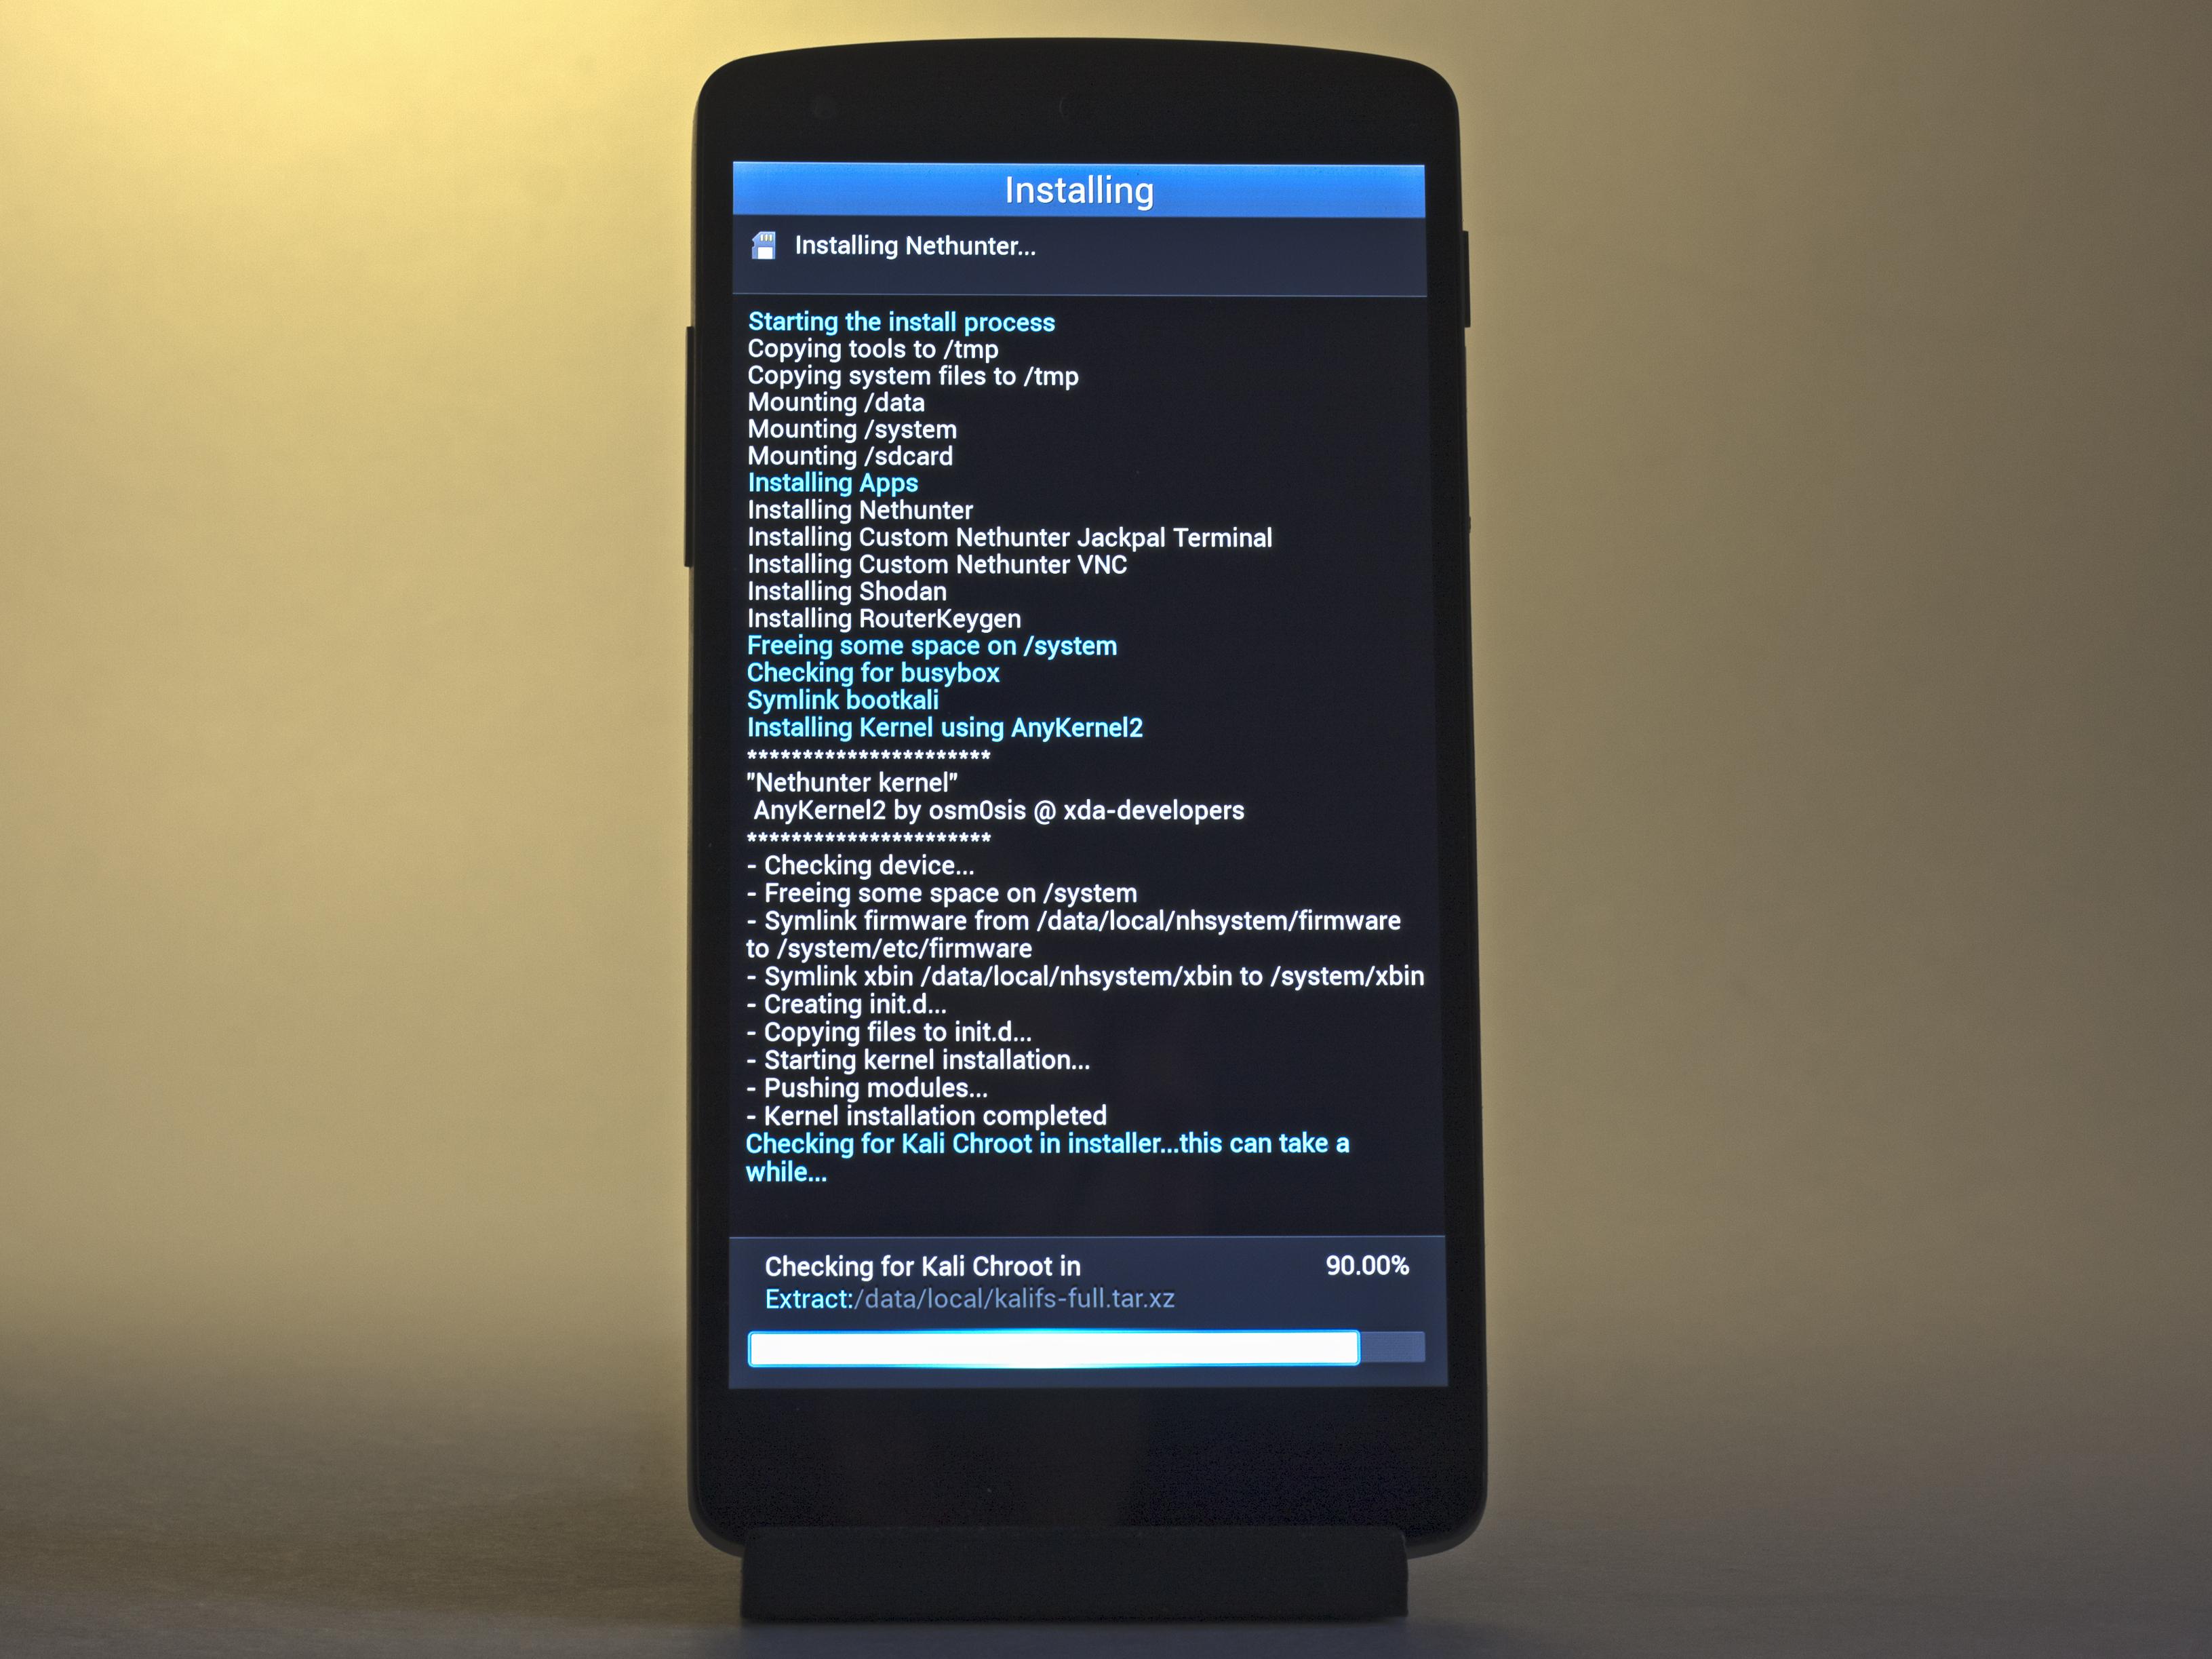 Установка NetHunter на Nexus 5